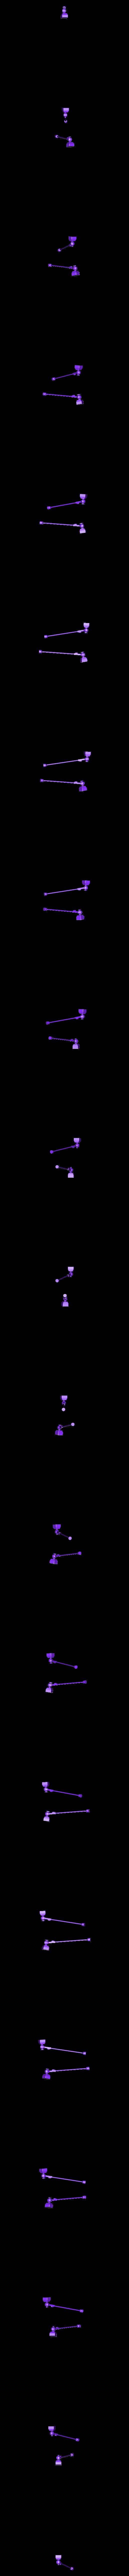 Bass Drum Stand.stl Télécharger fichier STL gratuit Maquette de la batterie • Objet pour impression 3D, itzu